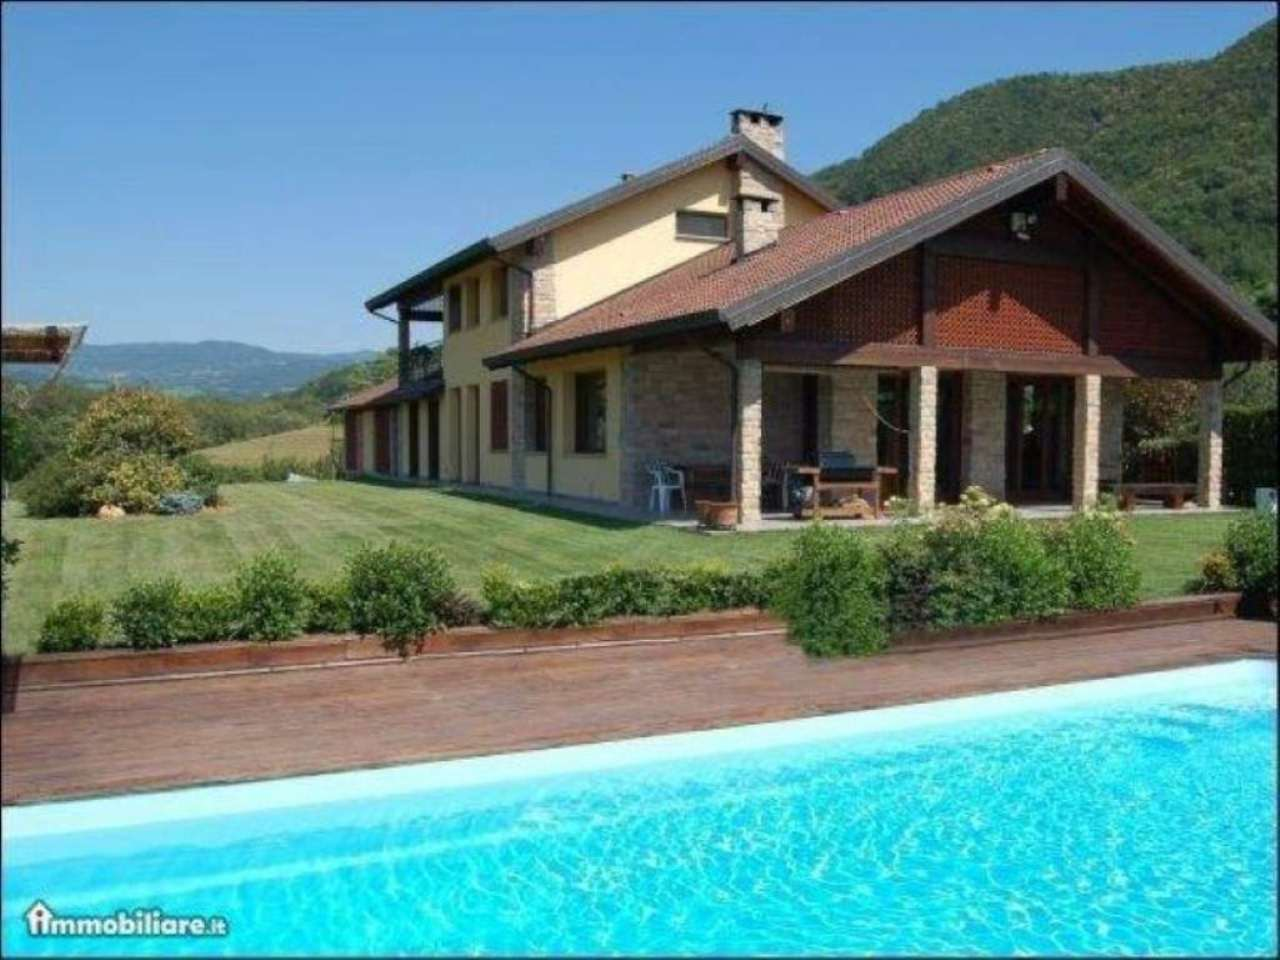 Soluzione Indipendente in vendita a Bagnaria, 8 locali, prezzo € 650.000 | Cambio Casa.it